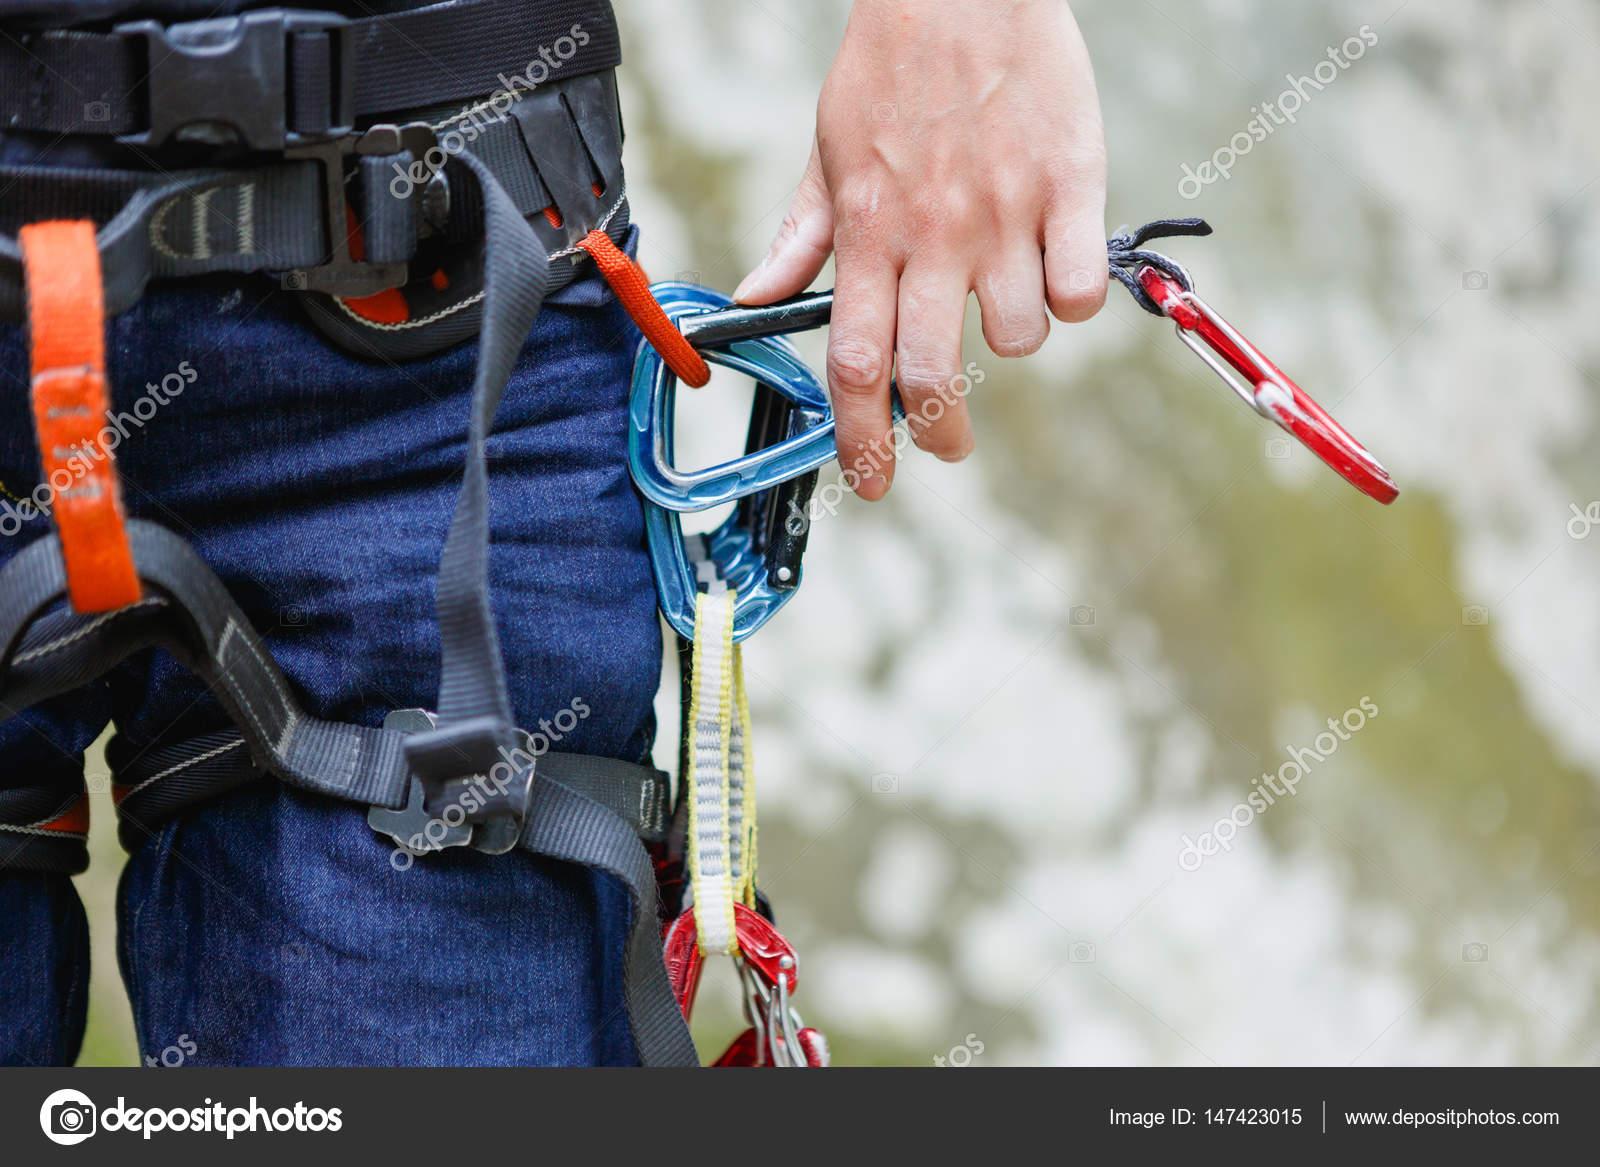 Kletterausrüstung In Der Nähe : Weibliche kletterer mit kletterausrüstung am gürtel ist bereit